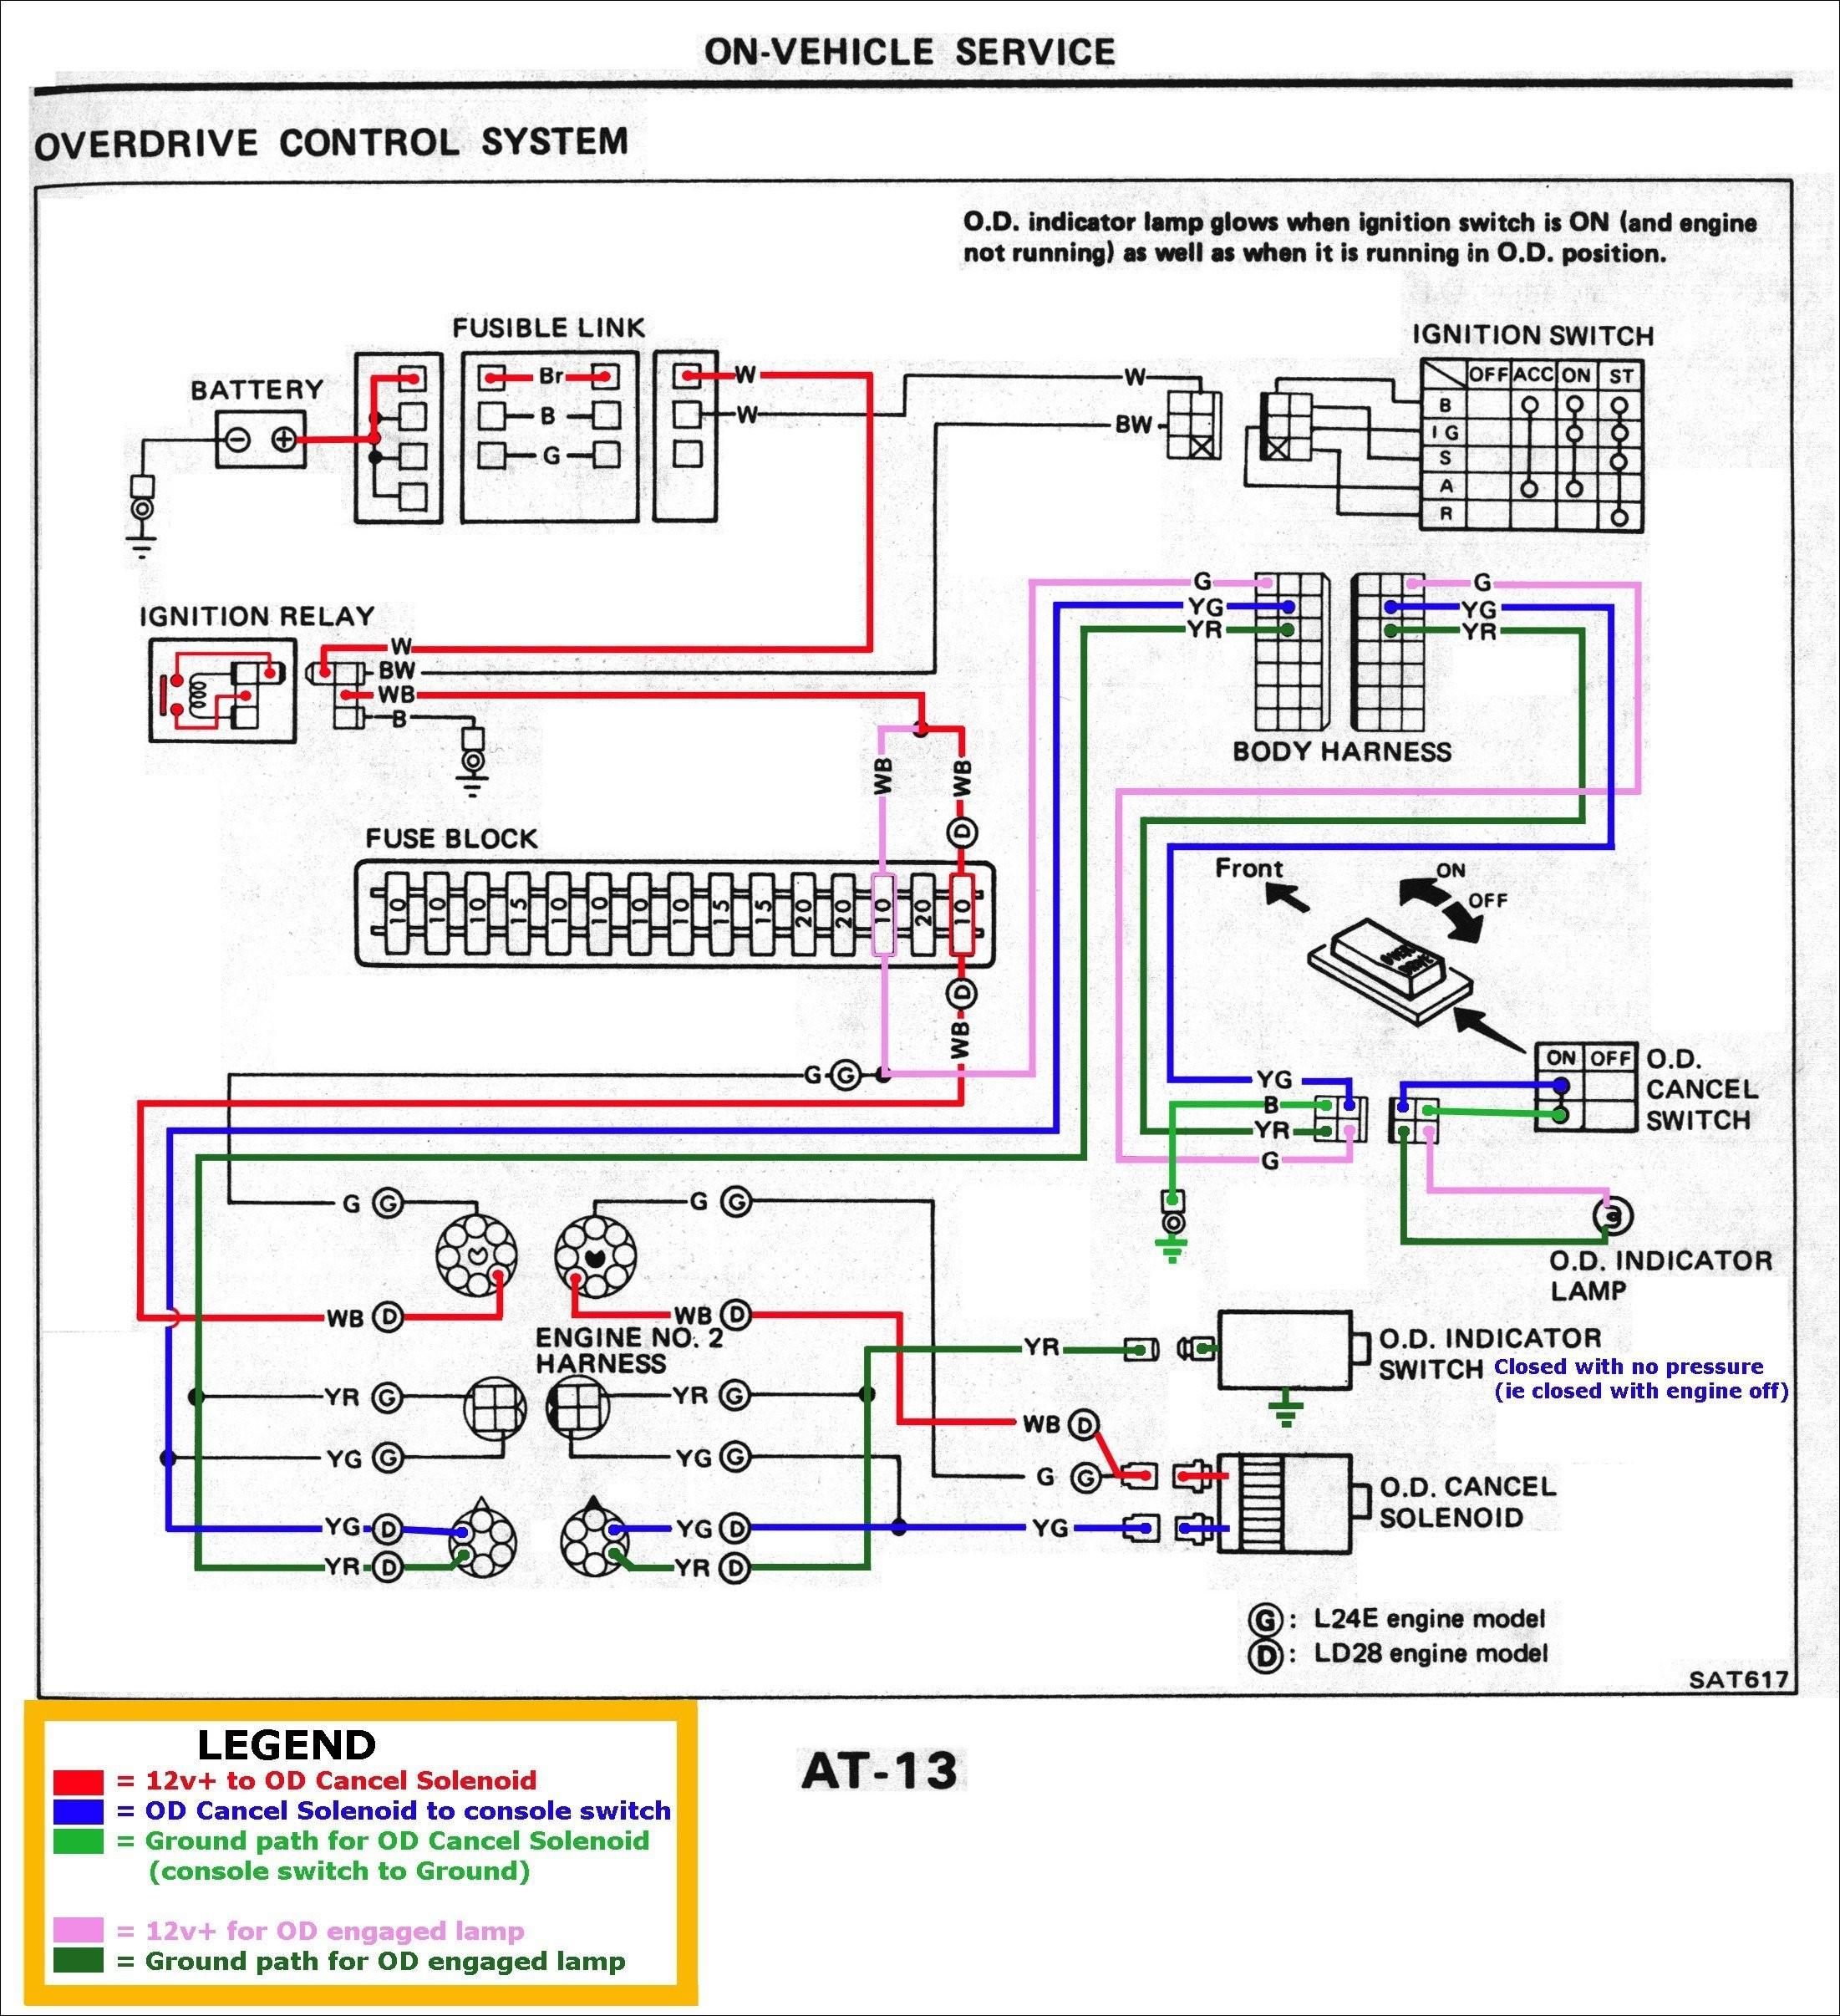 Brake Lights Diagram Wiring Diagram Turn Signals and Brake Lights Book Best Brake Of Brake Lights Diagram